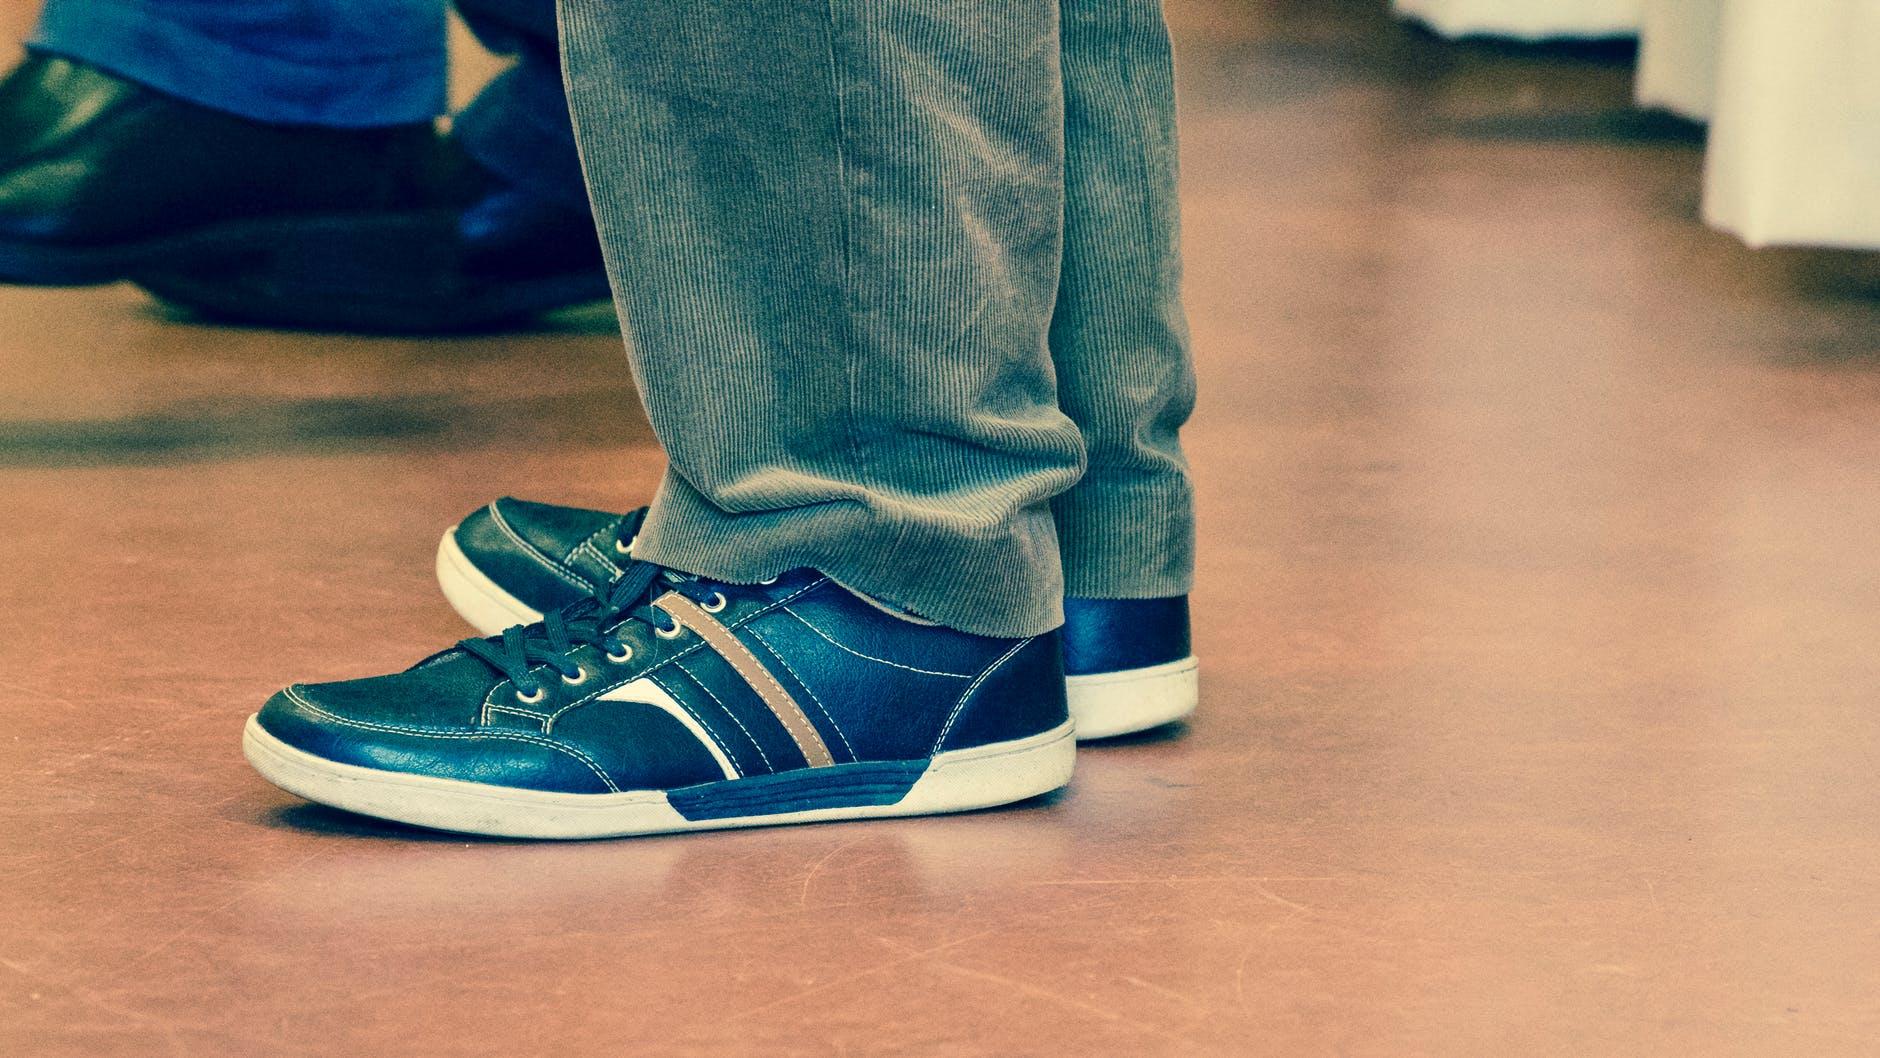 Ανδρικά sneakers – πώς να επιλέξετε τα αγαπημένα σας παπούτσια